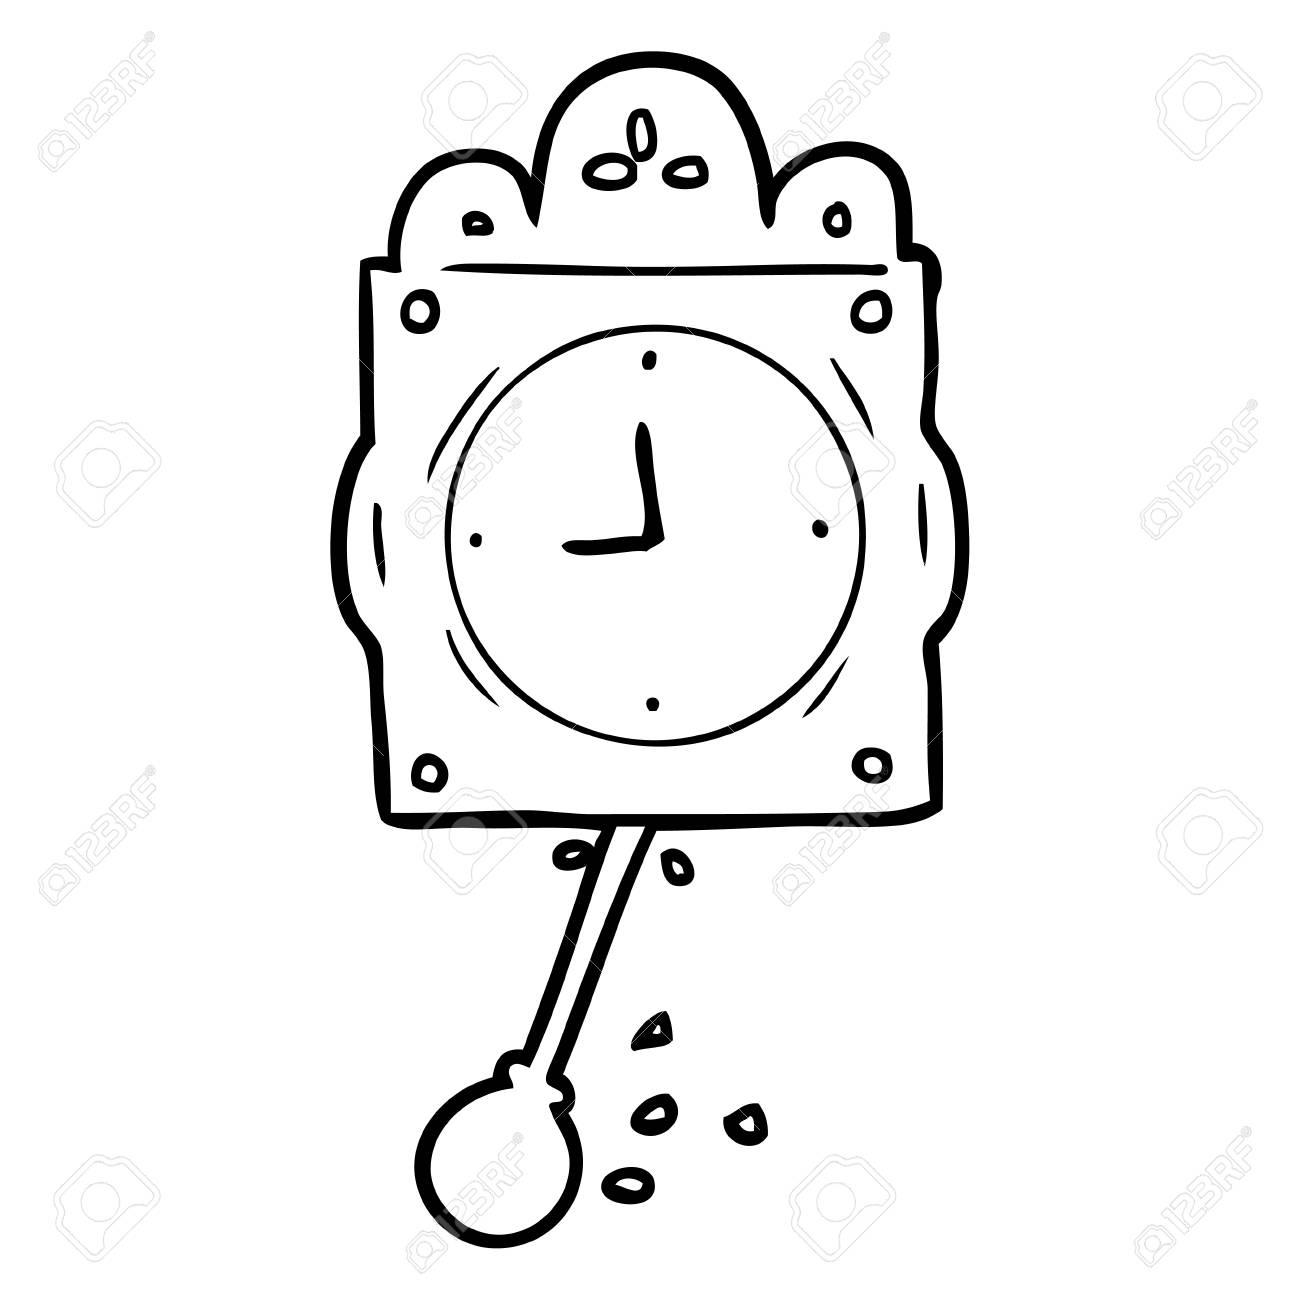 Tiré Par La Main Dessin De Ligne D & # 39 ; Une Horloge À Bascule Avec  Pendule encequiconcerne Dessin D Horloge